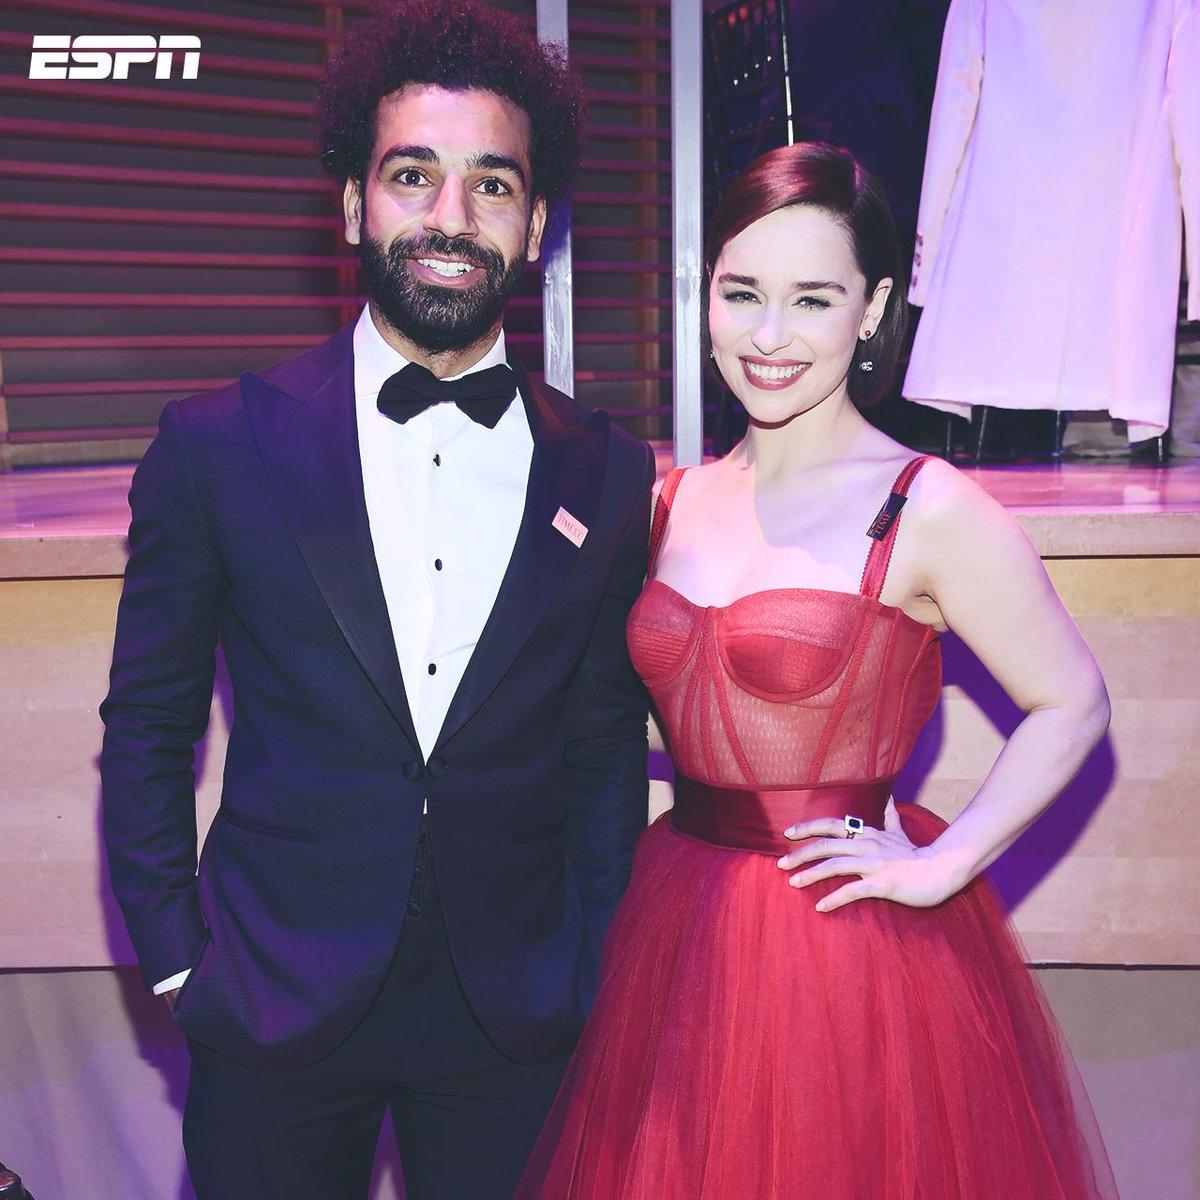 ¡Que dupla! 📸 Mohamed Salah se dio una escapada a la gala de la revista Time y se puso al servicio de la Reina Daenerys Targaryen previo a la Gran Batalla de Winterfell 😯 ¿Qué título le pondrían a la foto?